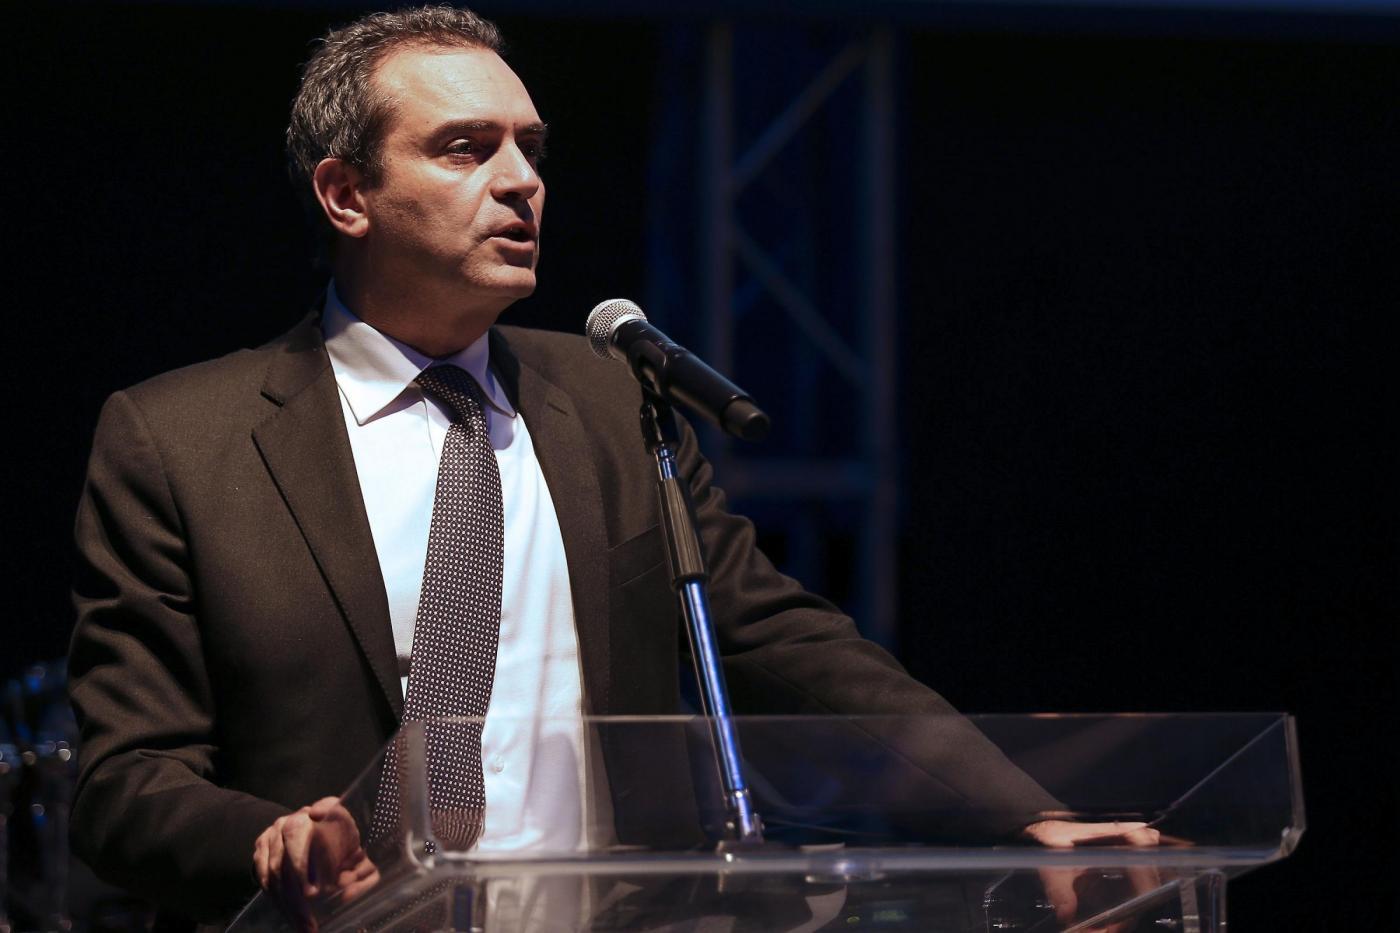 Quanto guadagna un sindaco in Italia? I fattori determinanti